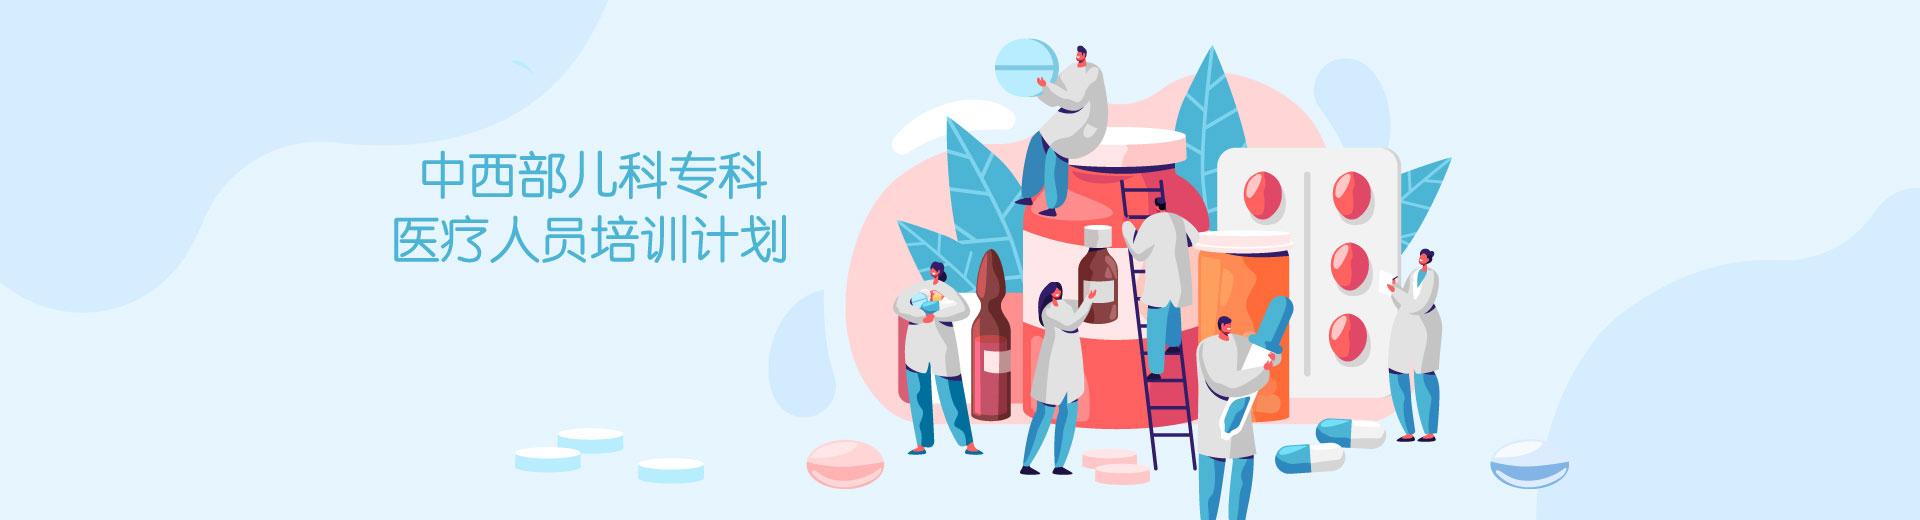 2019第七届中西部儿科专科医疗人员培训计划招募简章